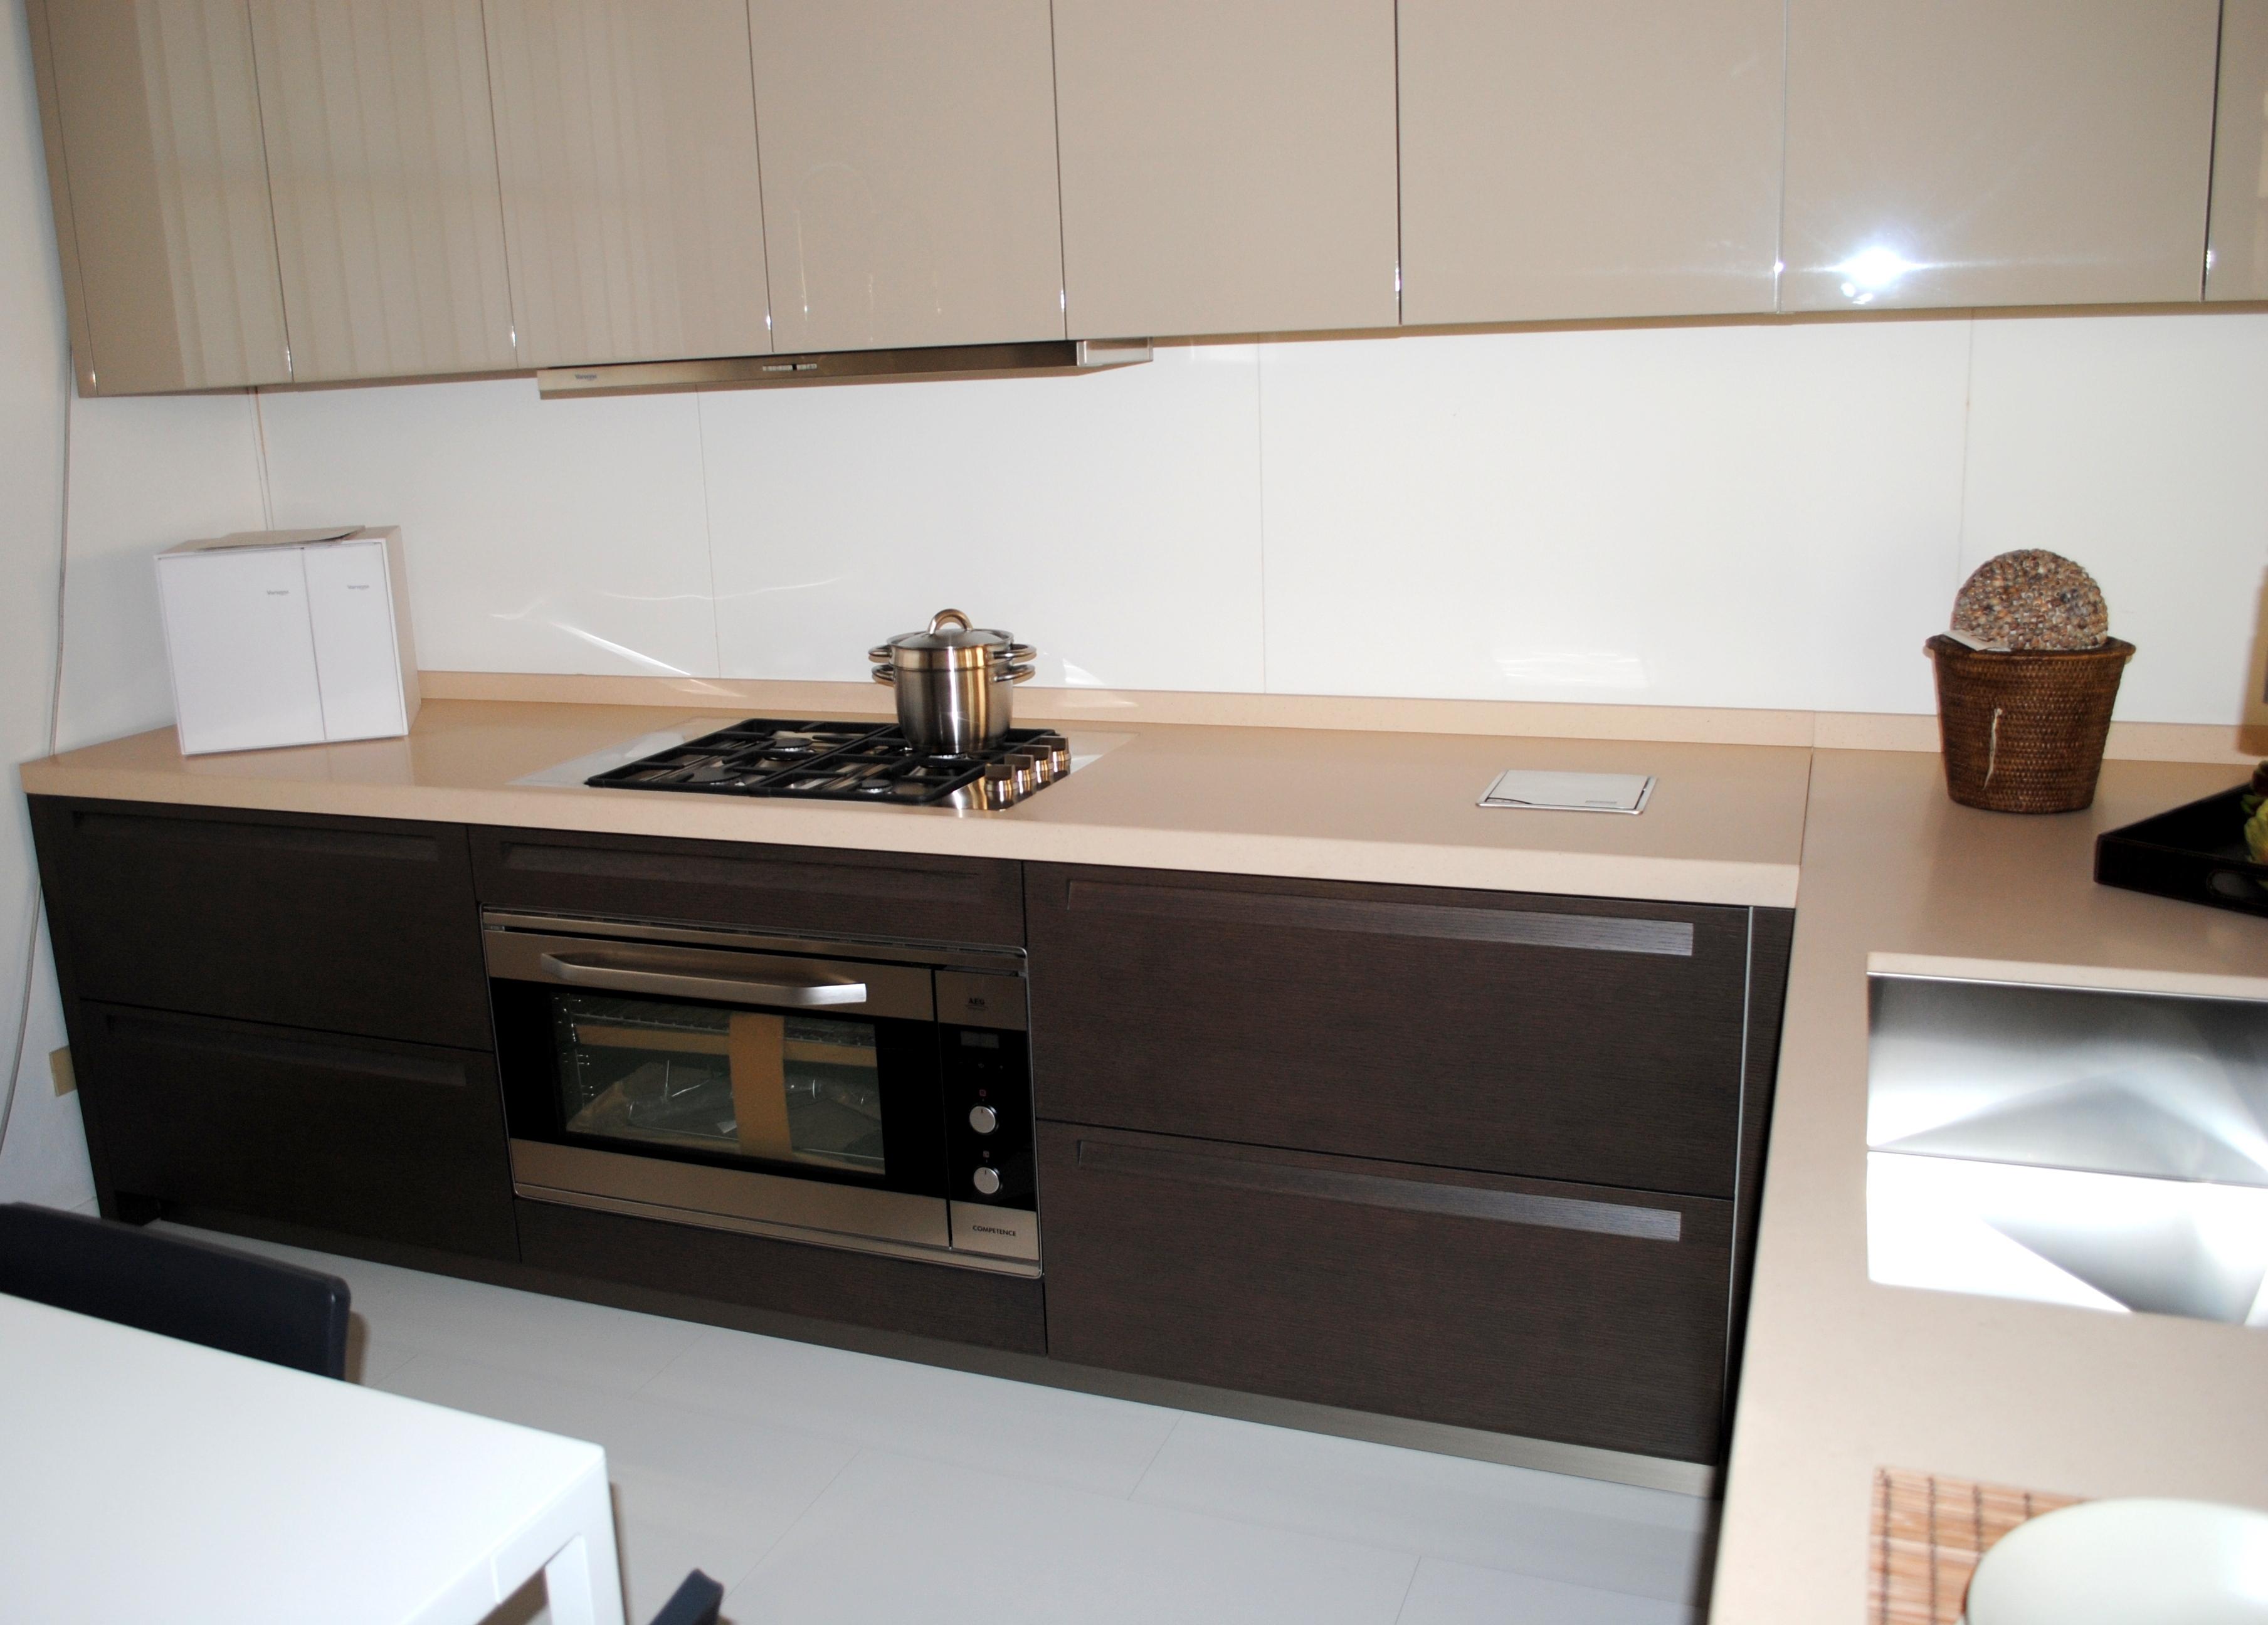 Cucine Minimal Prezzi. Excellent Cucina Varenna Minimal Design ...